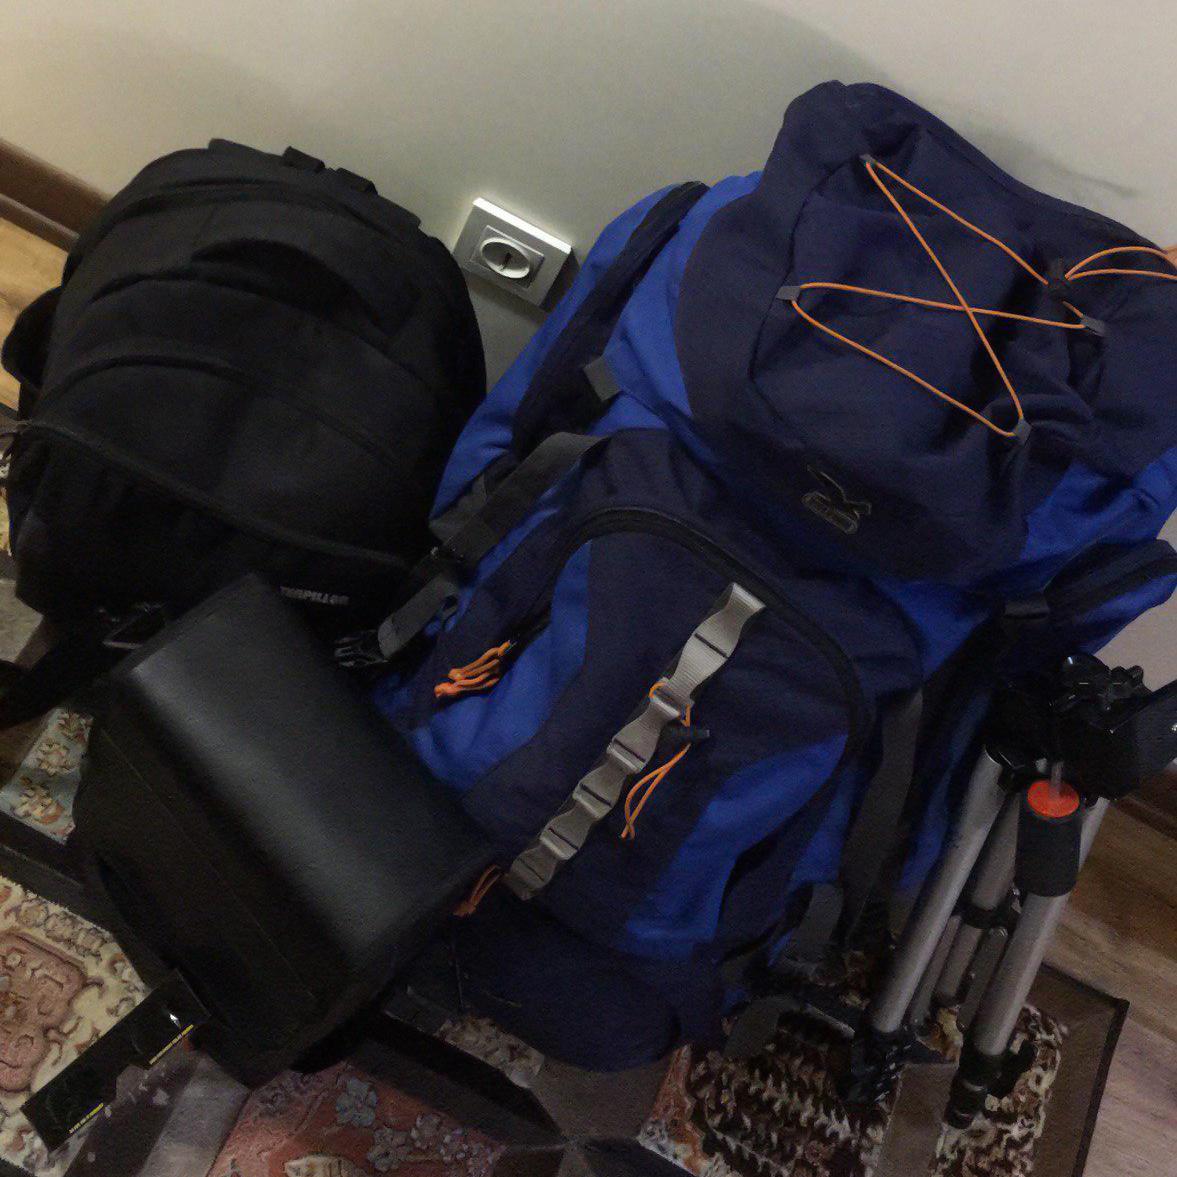 یک کوله بزرگ، یک کوله کوچک و کیف دوربین دوچشمی همه وسایل من برای این سفر بود.